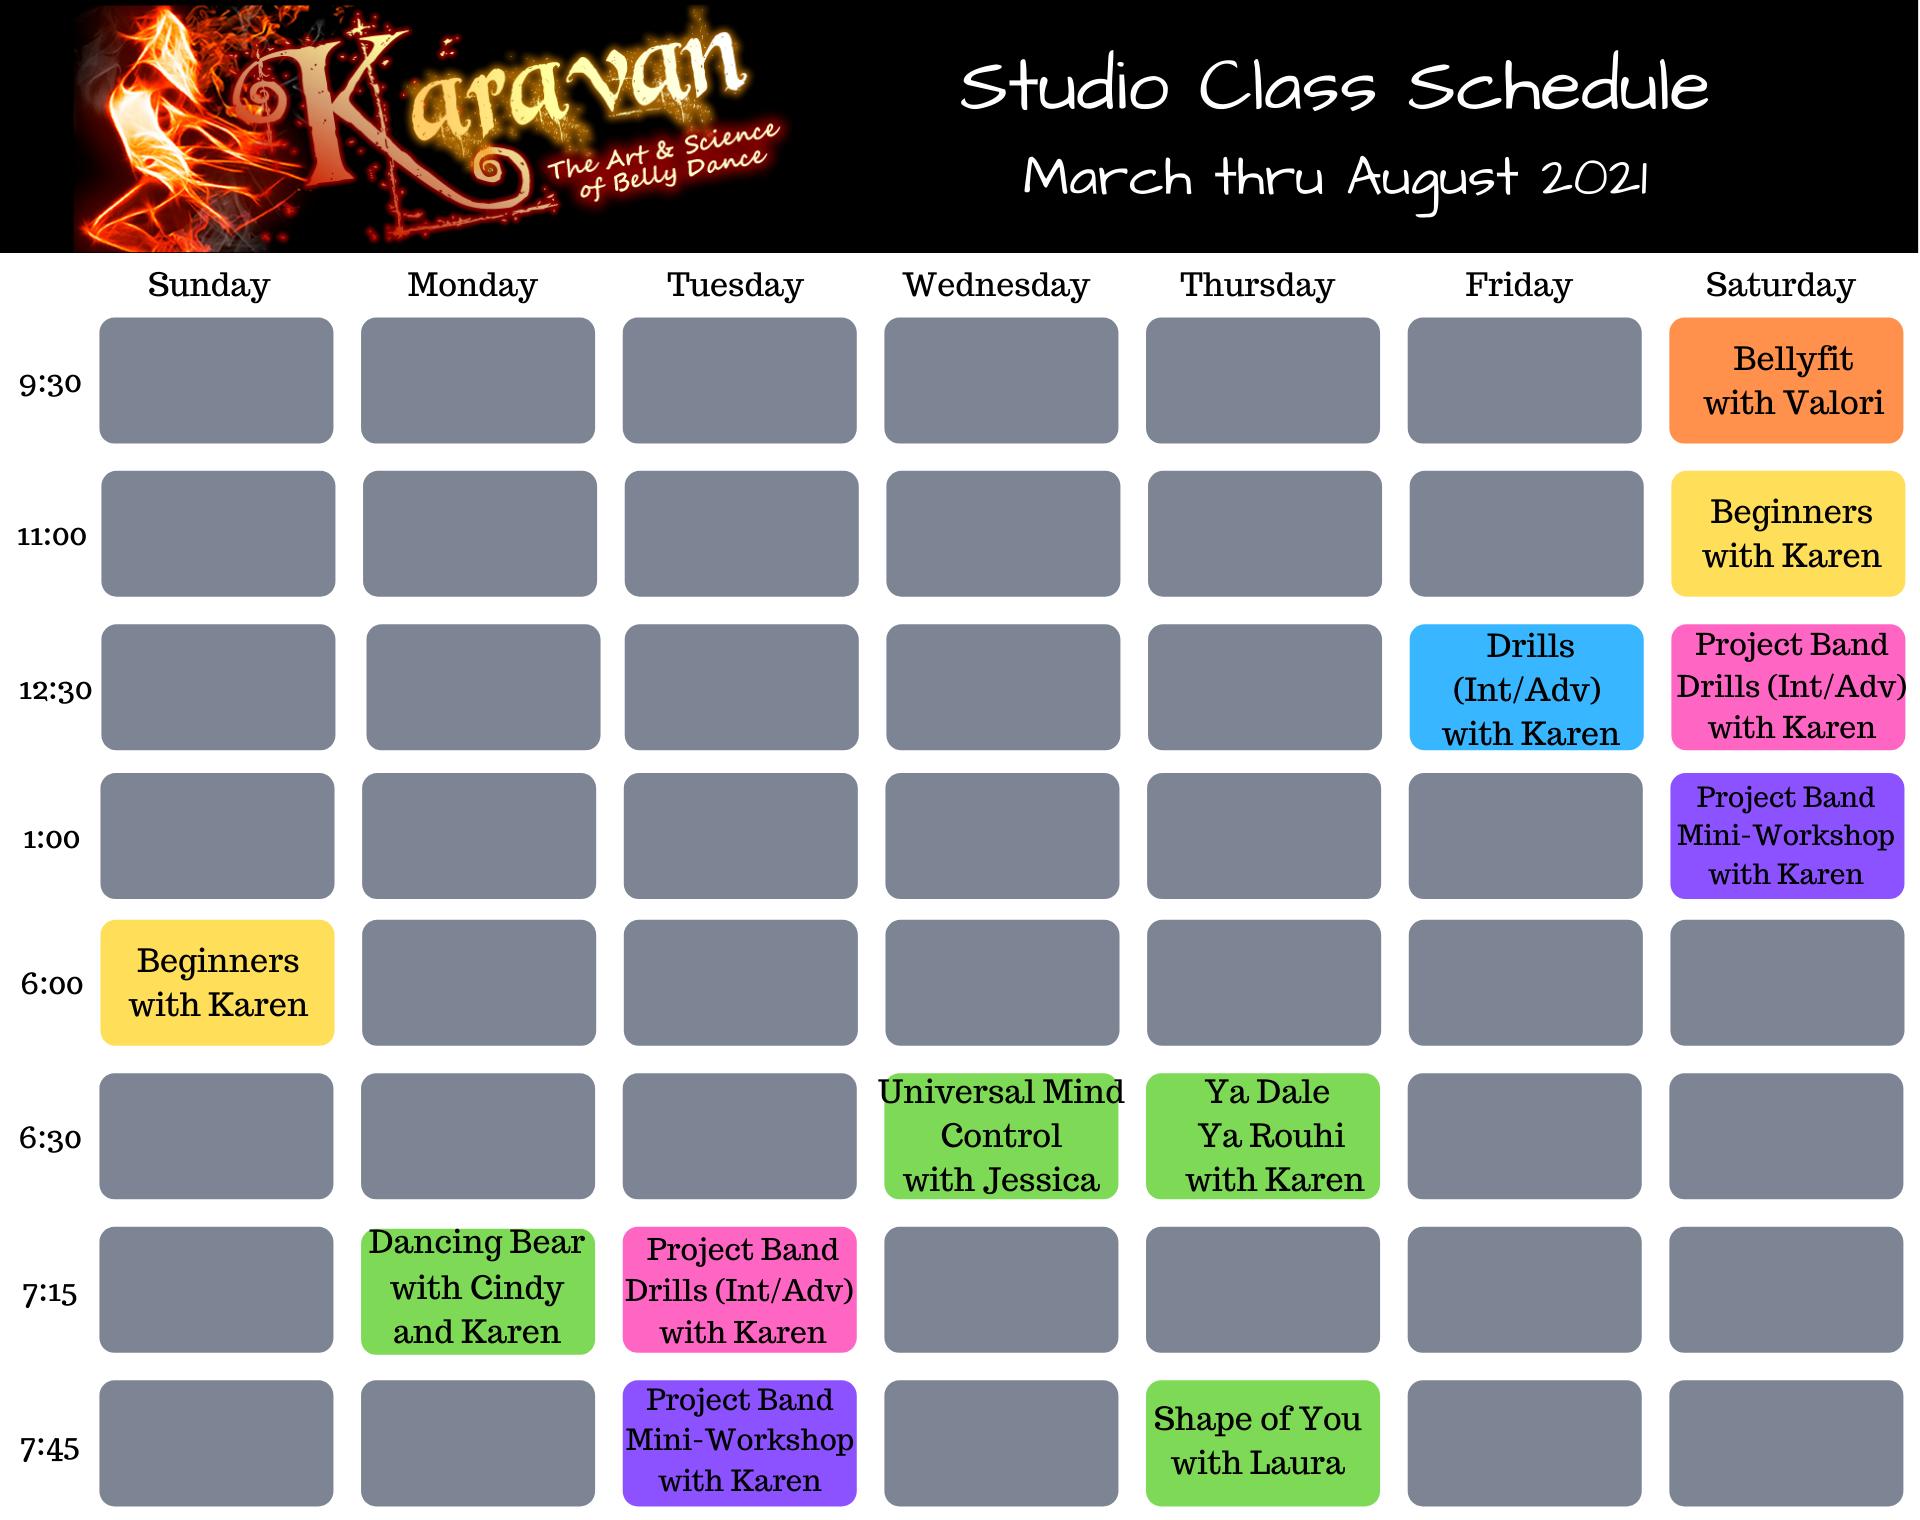 Karavan's March 2021 Studio Schedule